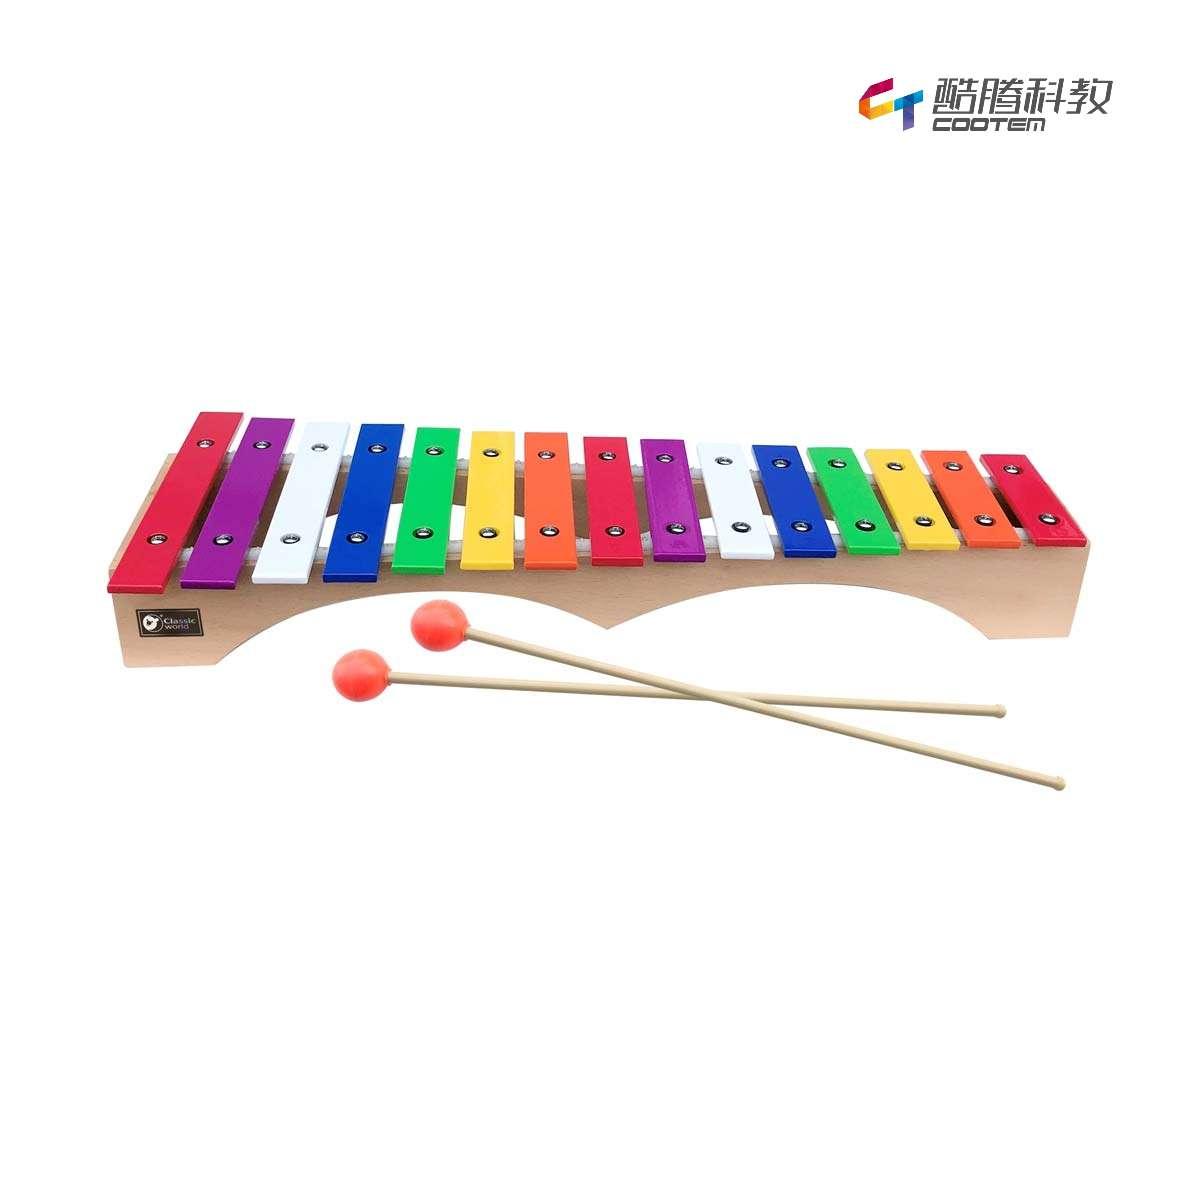 15音彩色金属键桥形打琴